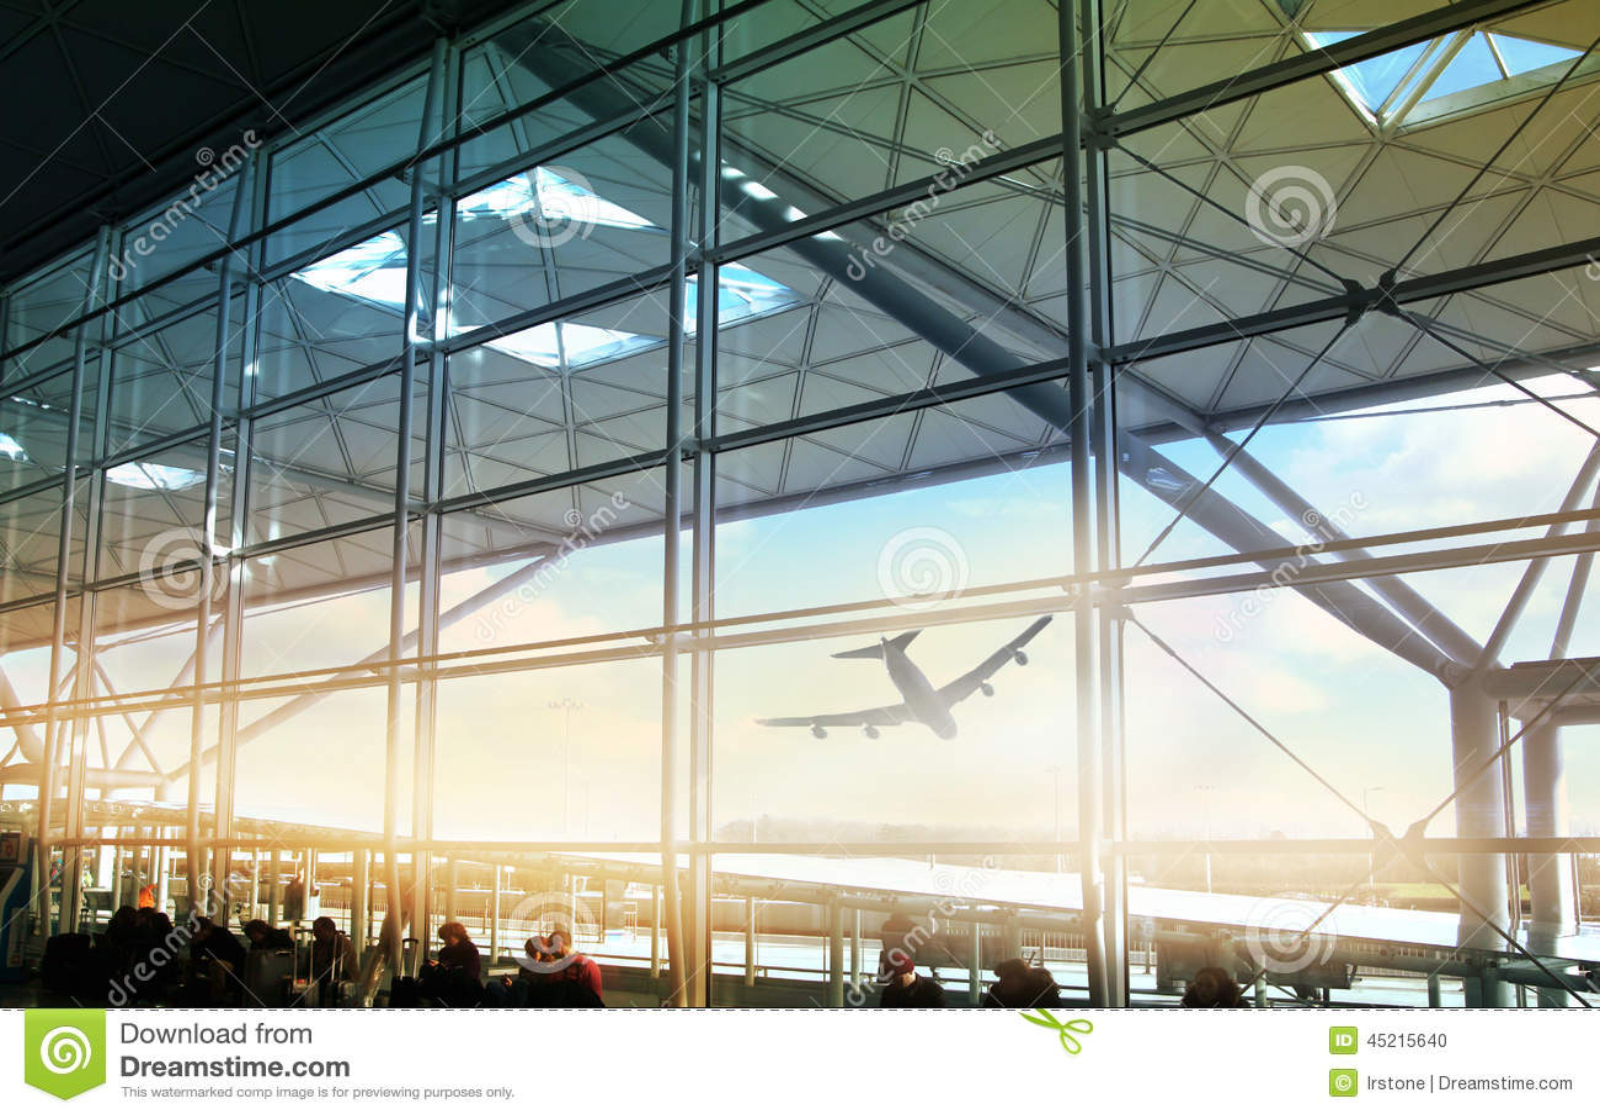 伦敦斯坦斯特德机场,英国- 2014年3月23日:机场窗口和信息板